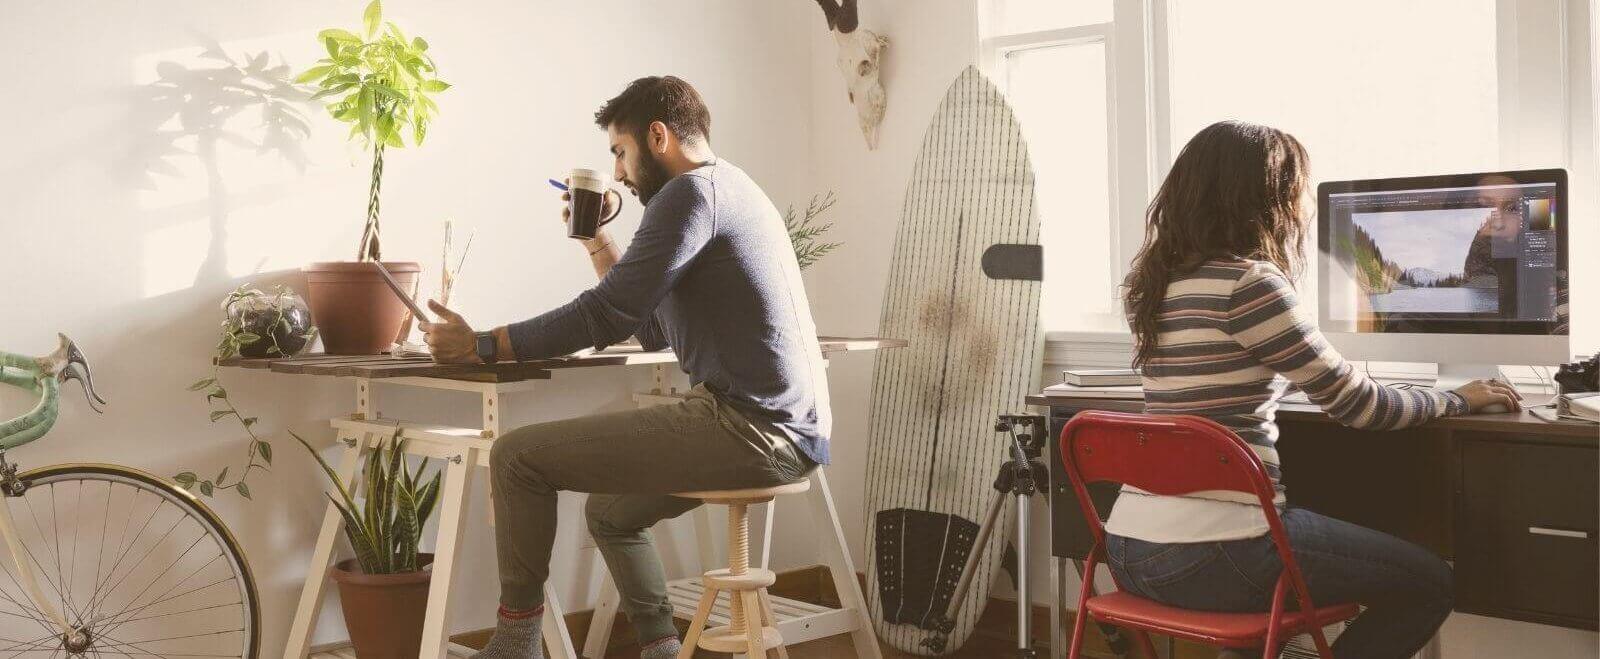 Frische Ideen für dein Home-Office